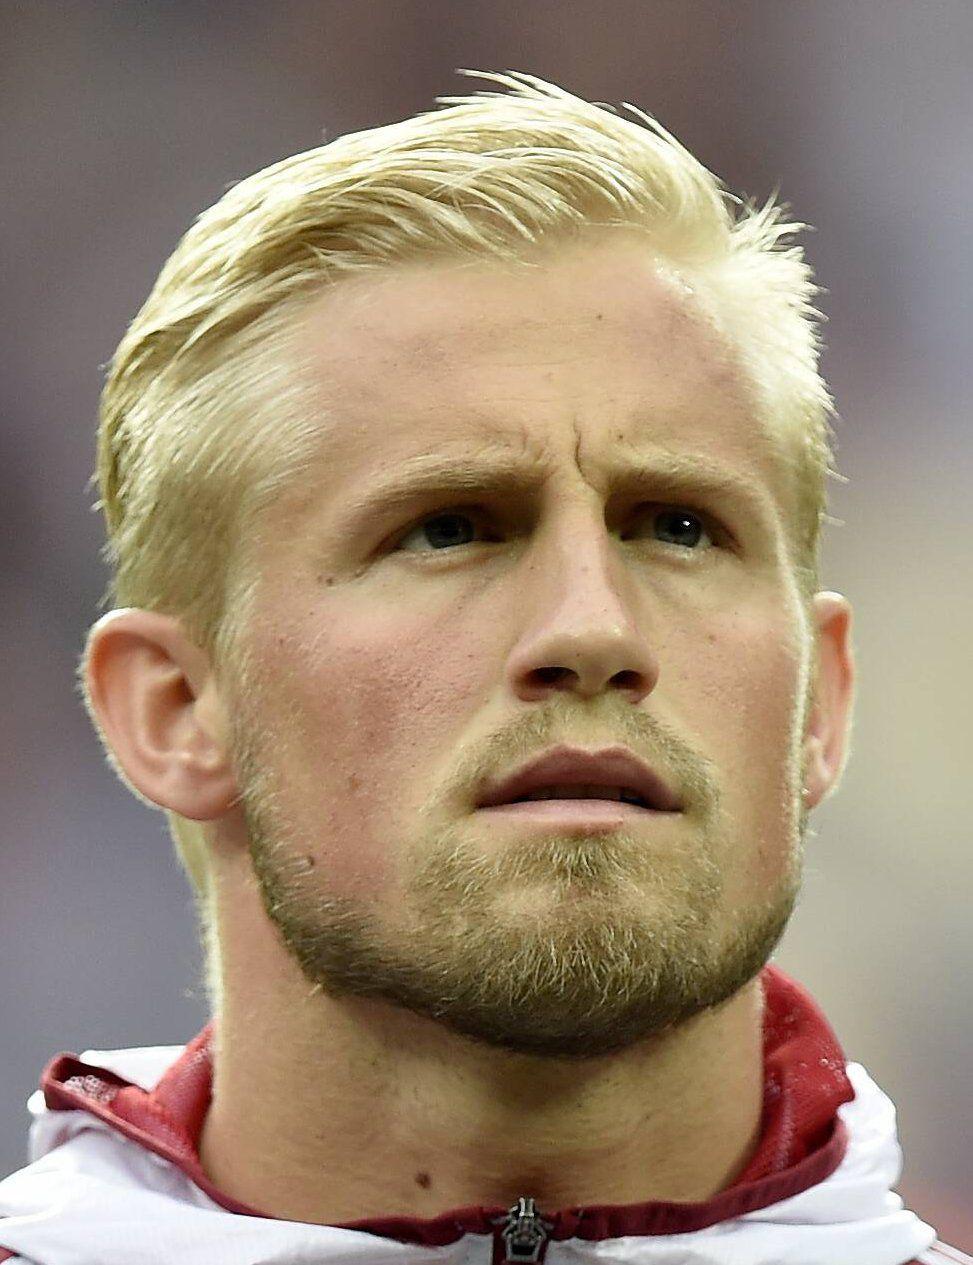 Kasper Schmeichel Kasper Schmeichel Sports Celebrities Blonde Beard